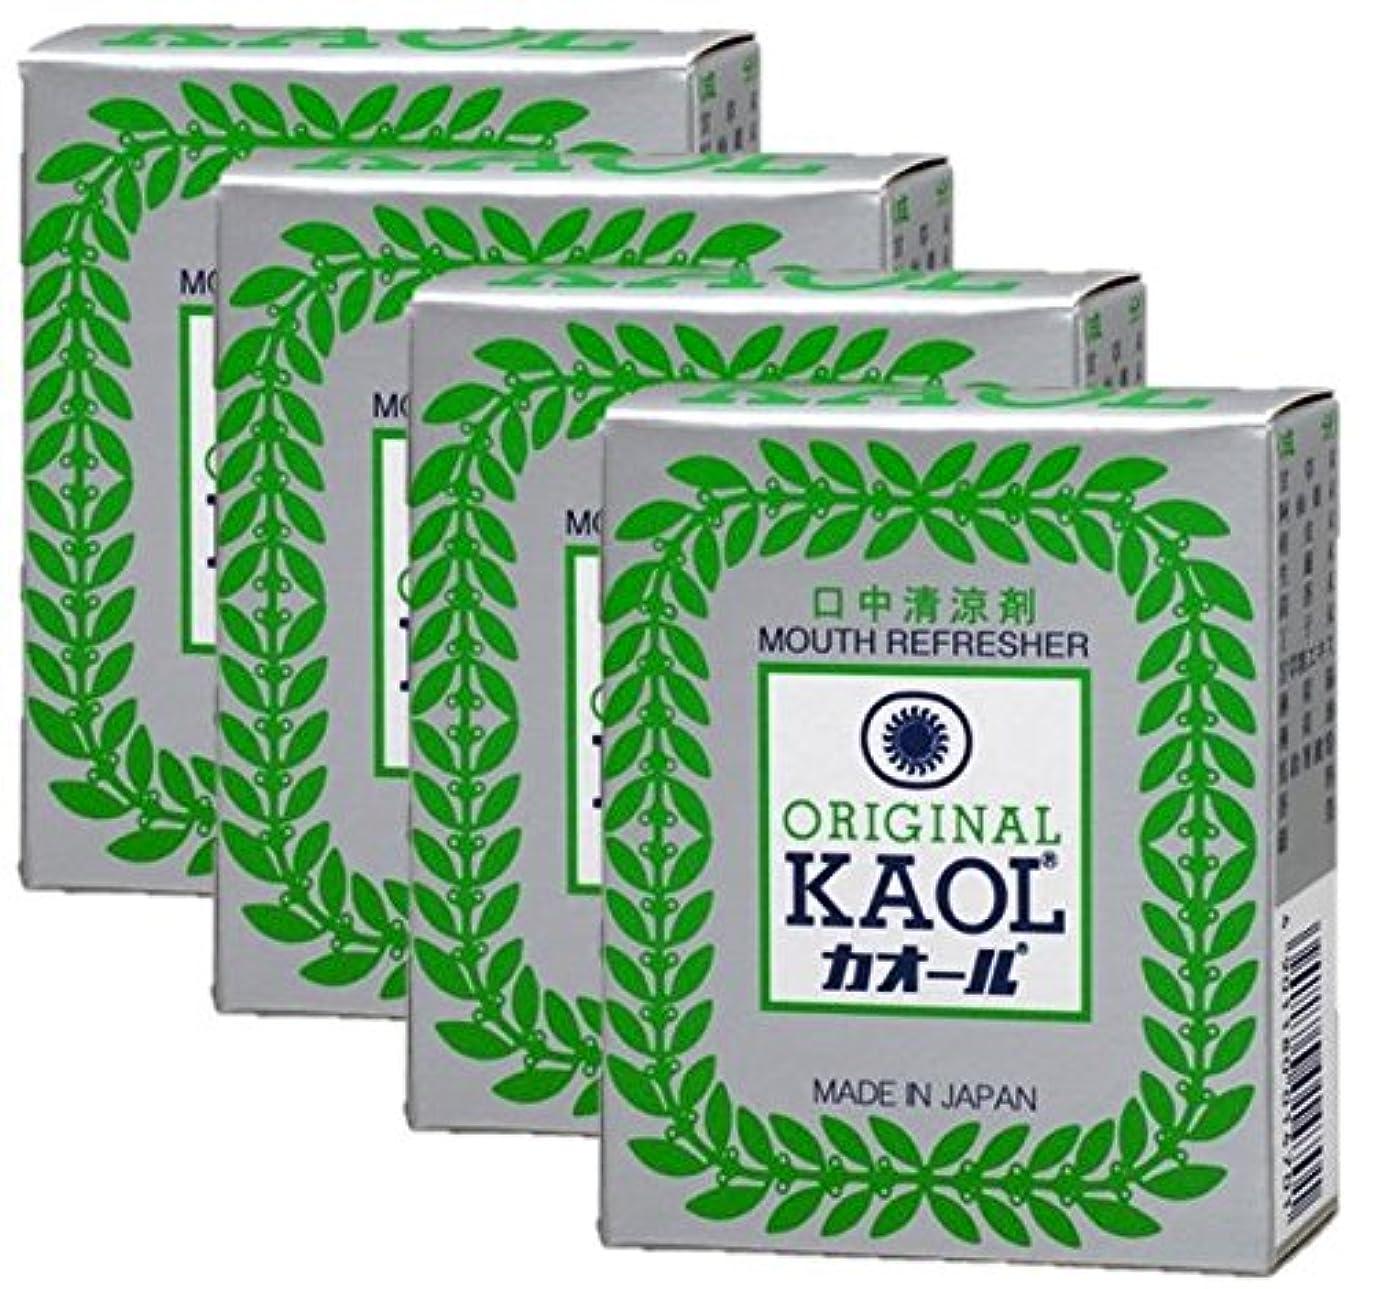 日常的に農業ペック口中清涼剤 オリヂナル カオール 14.5g×4個セット